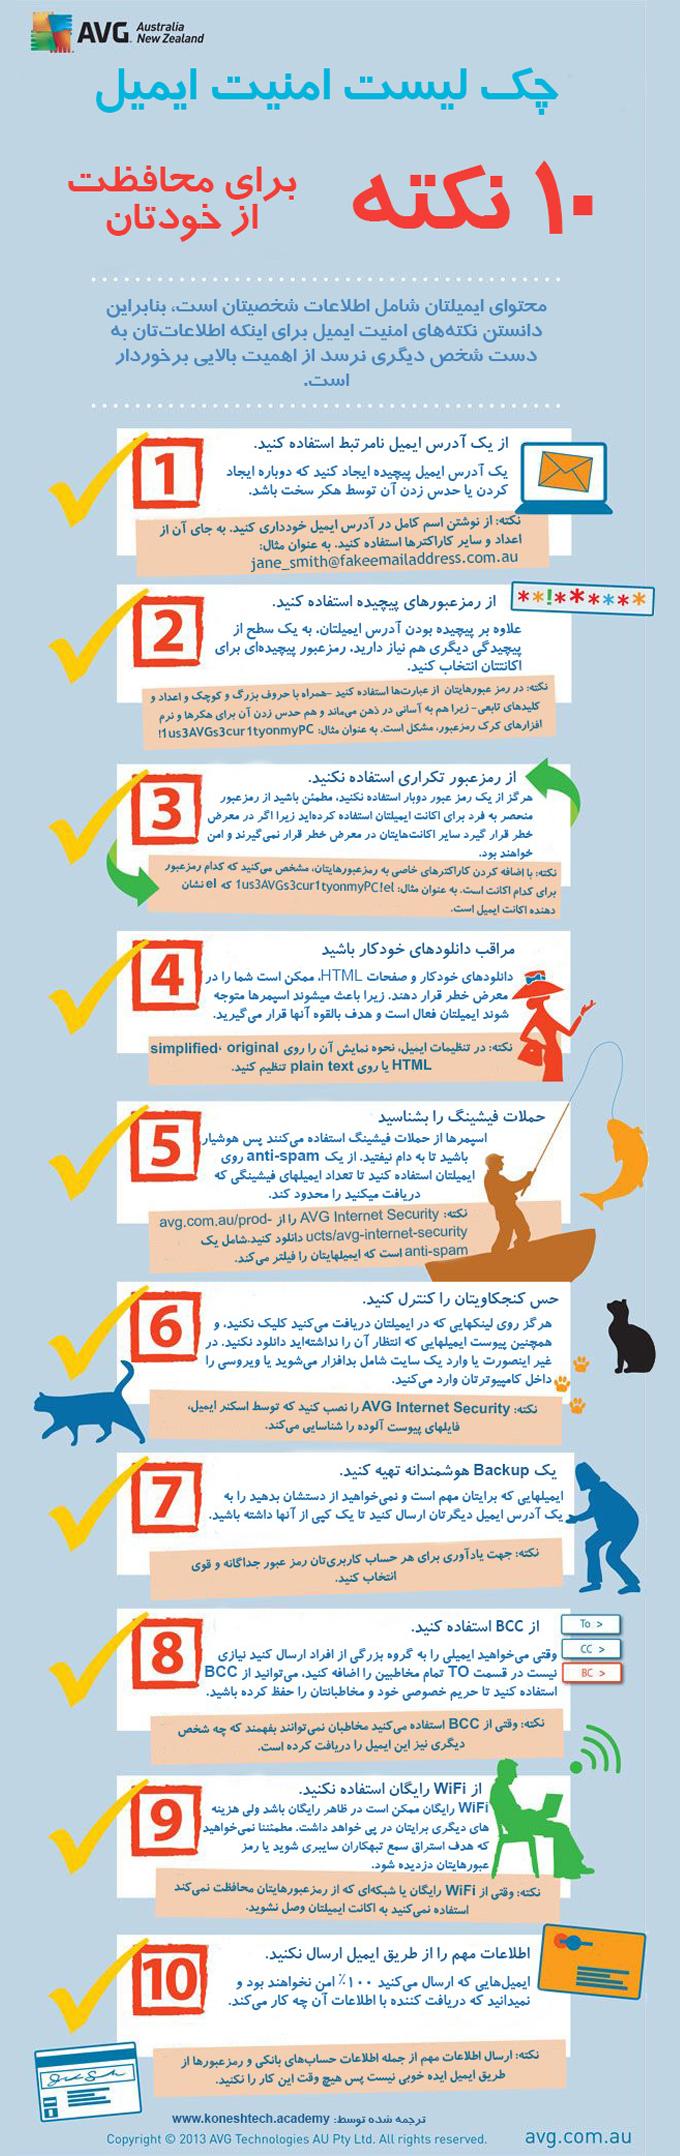 ۱۰ نکته برای حفظ امنیت ایمیل